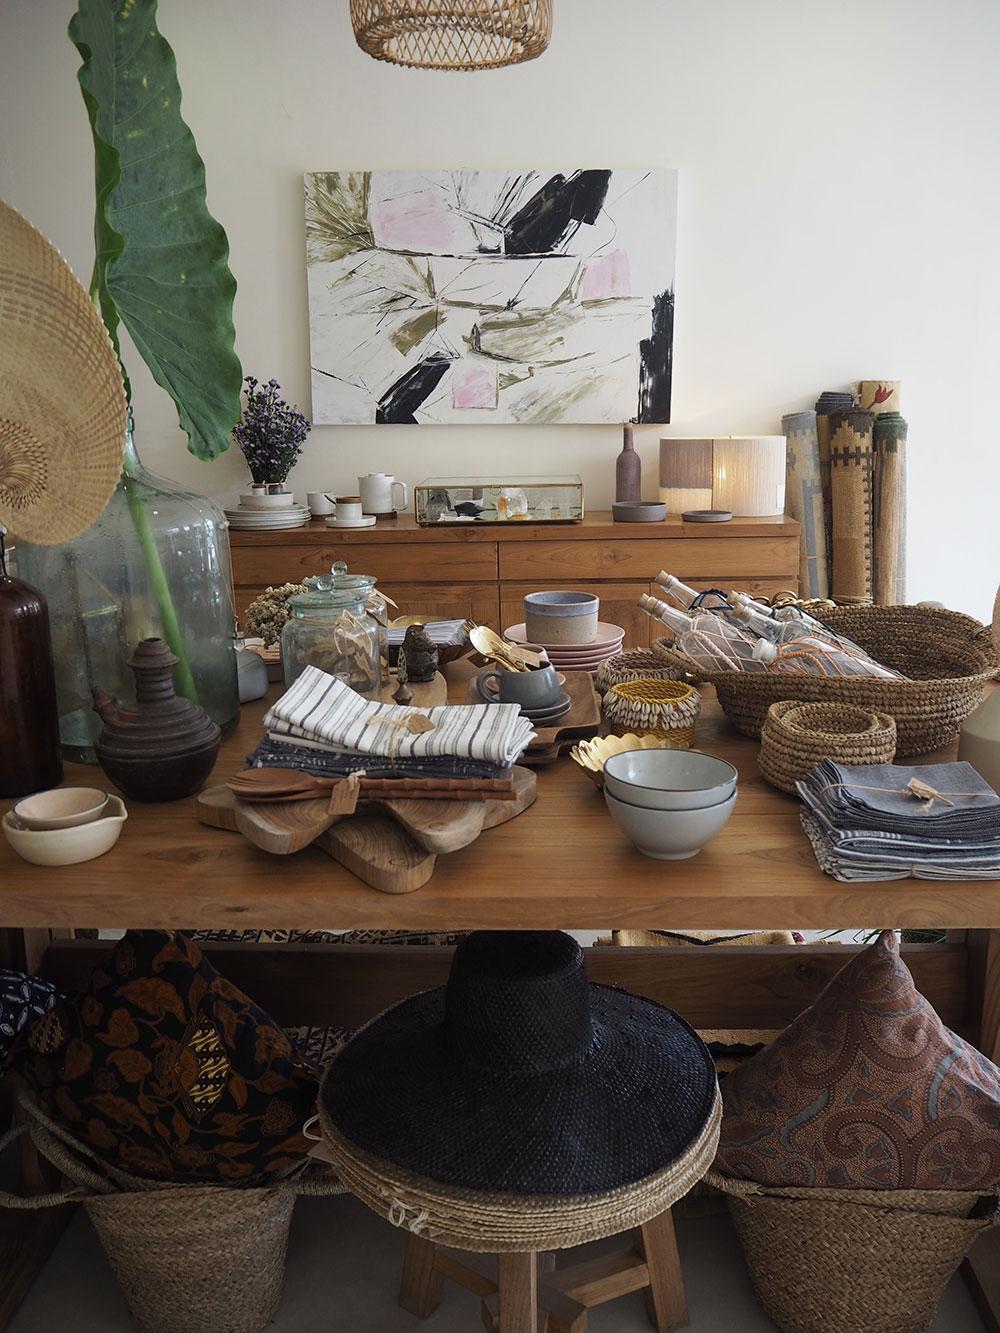 RosyCheeks-Bali-Canggu-Cove-Island-Essentials